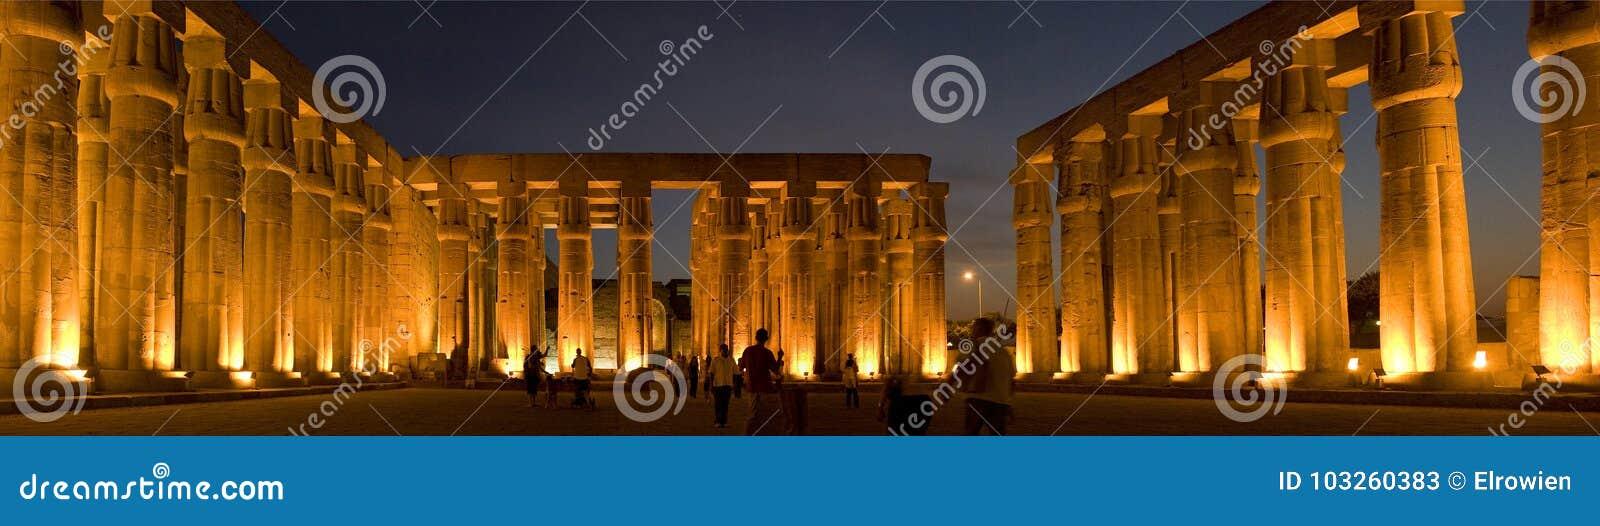 埃及卢克索寺庙